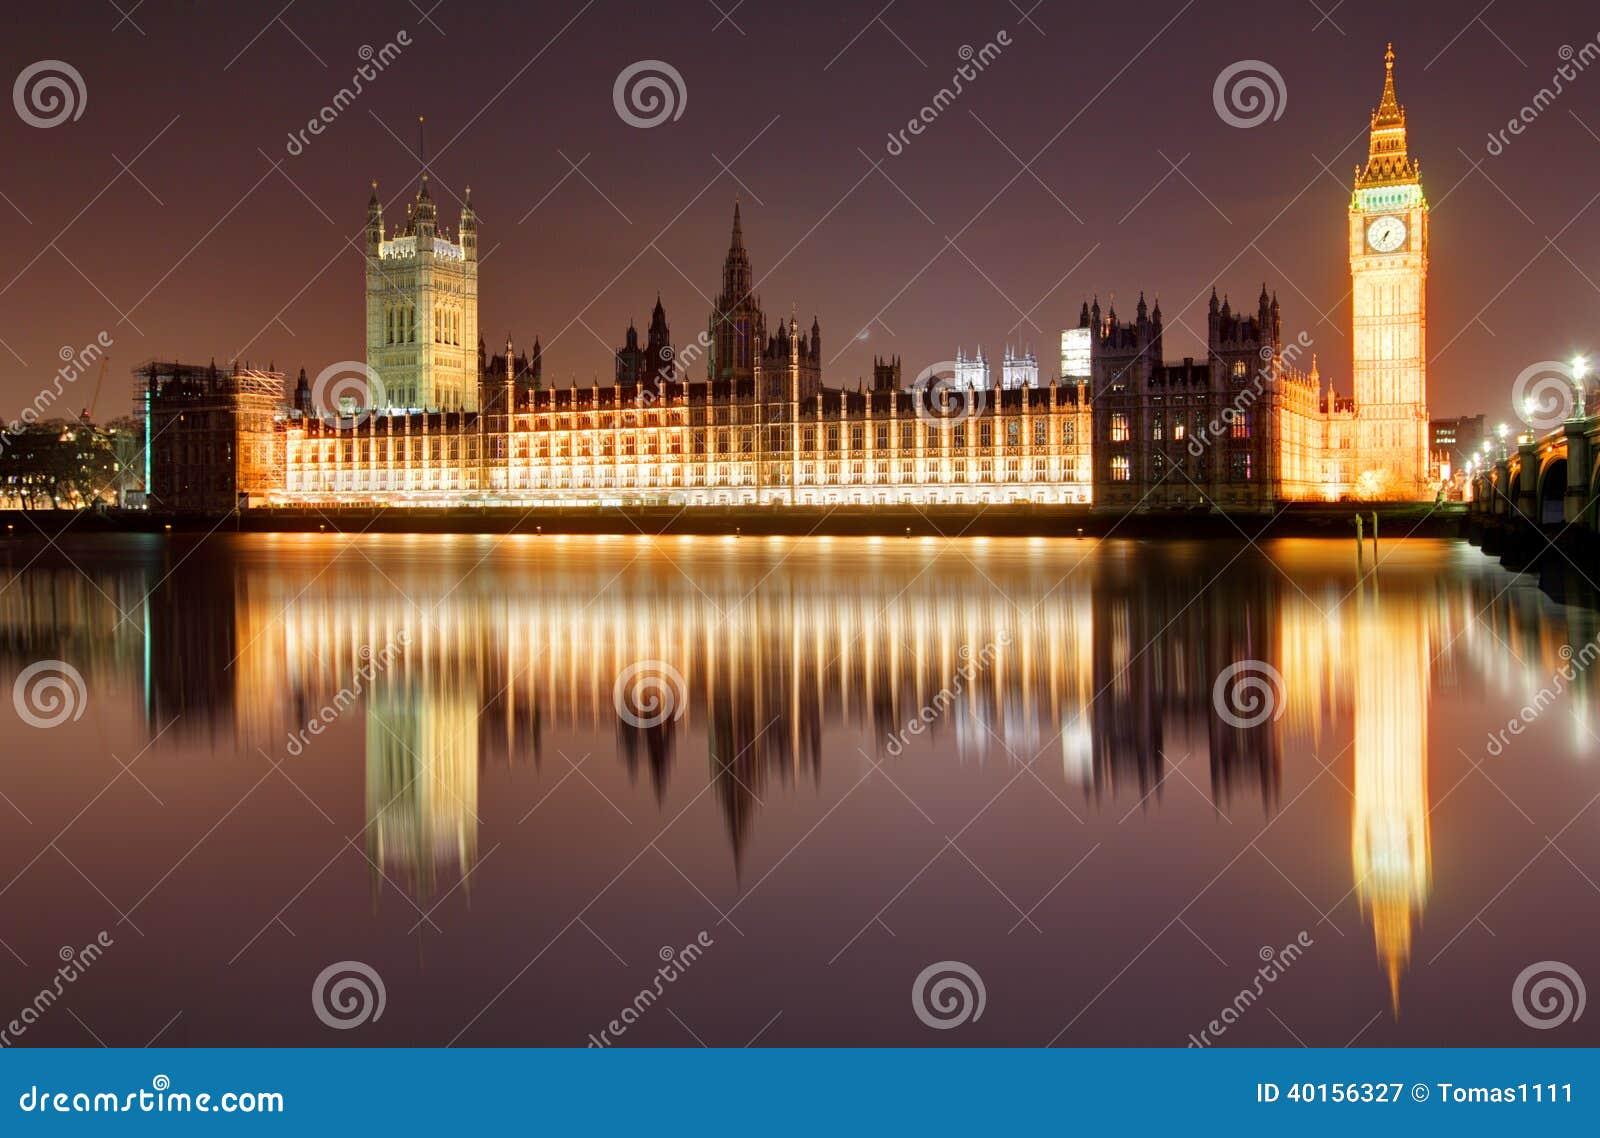 Λονδίνο τη νύχτα - σπίτια του Κοινοβουλίου, Big Ben